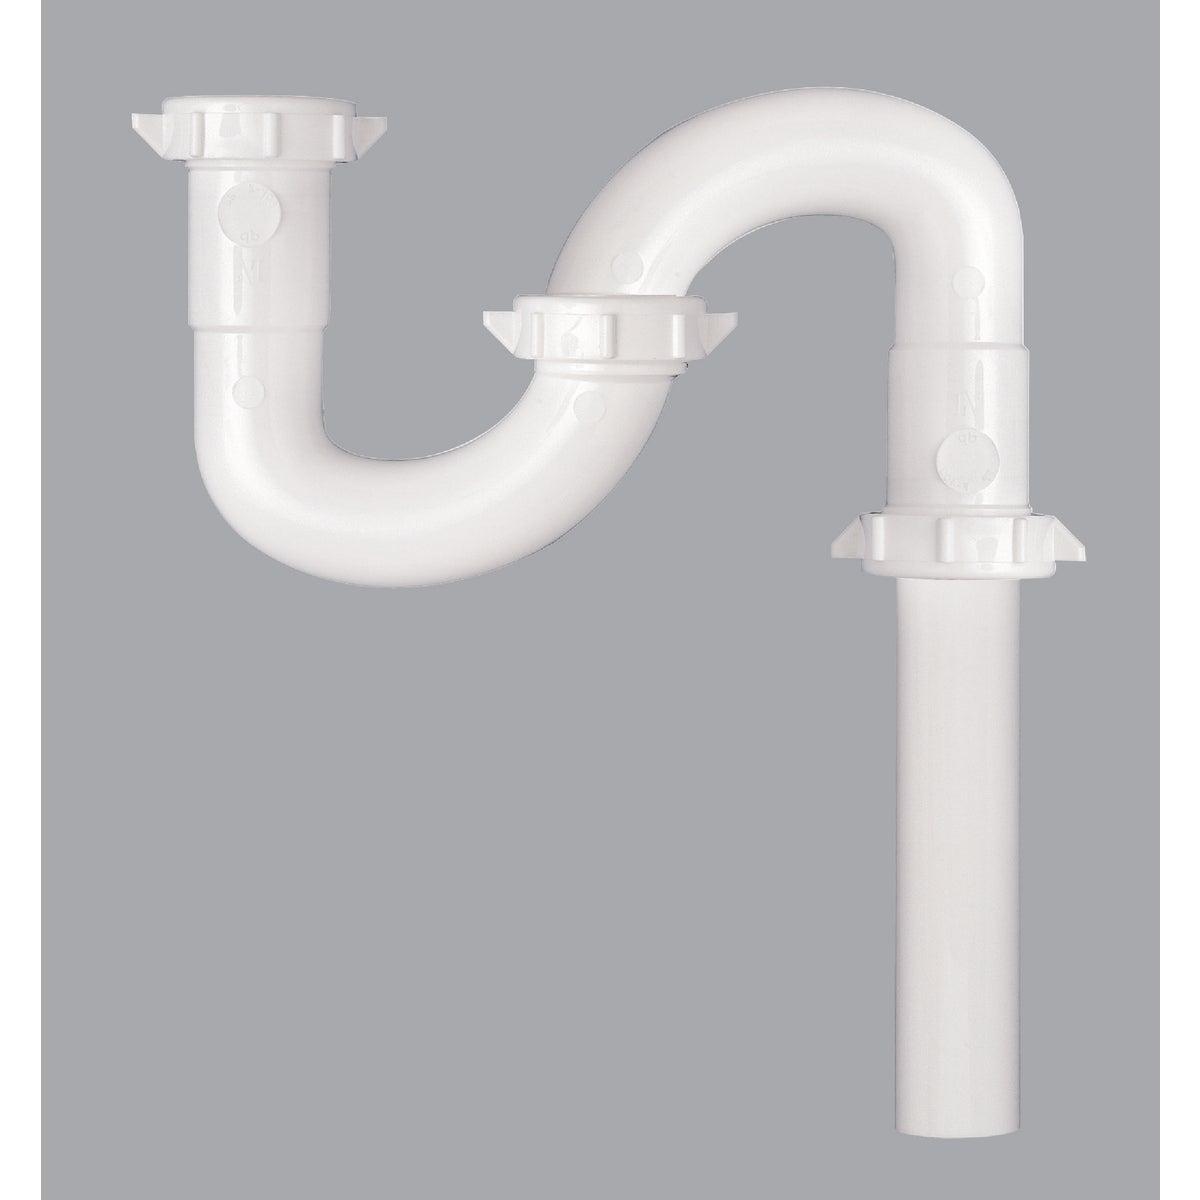 1-1/2 WHT PLASTIC S-TRAP